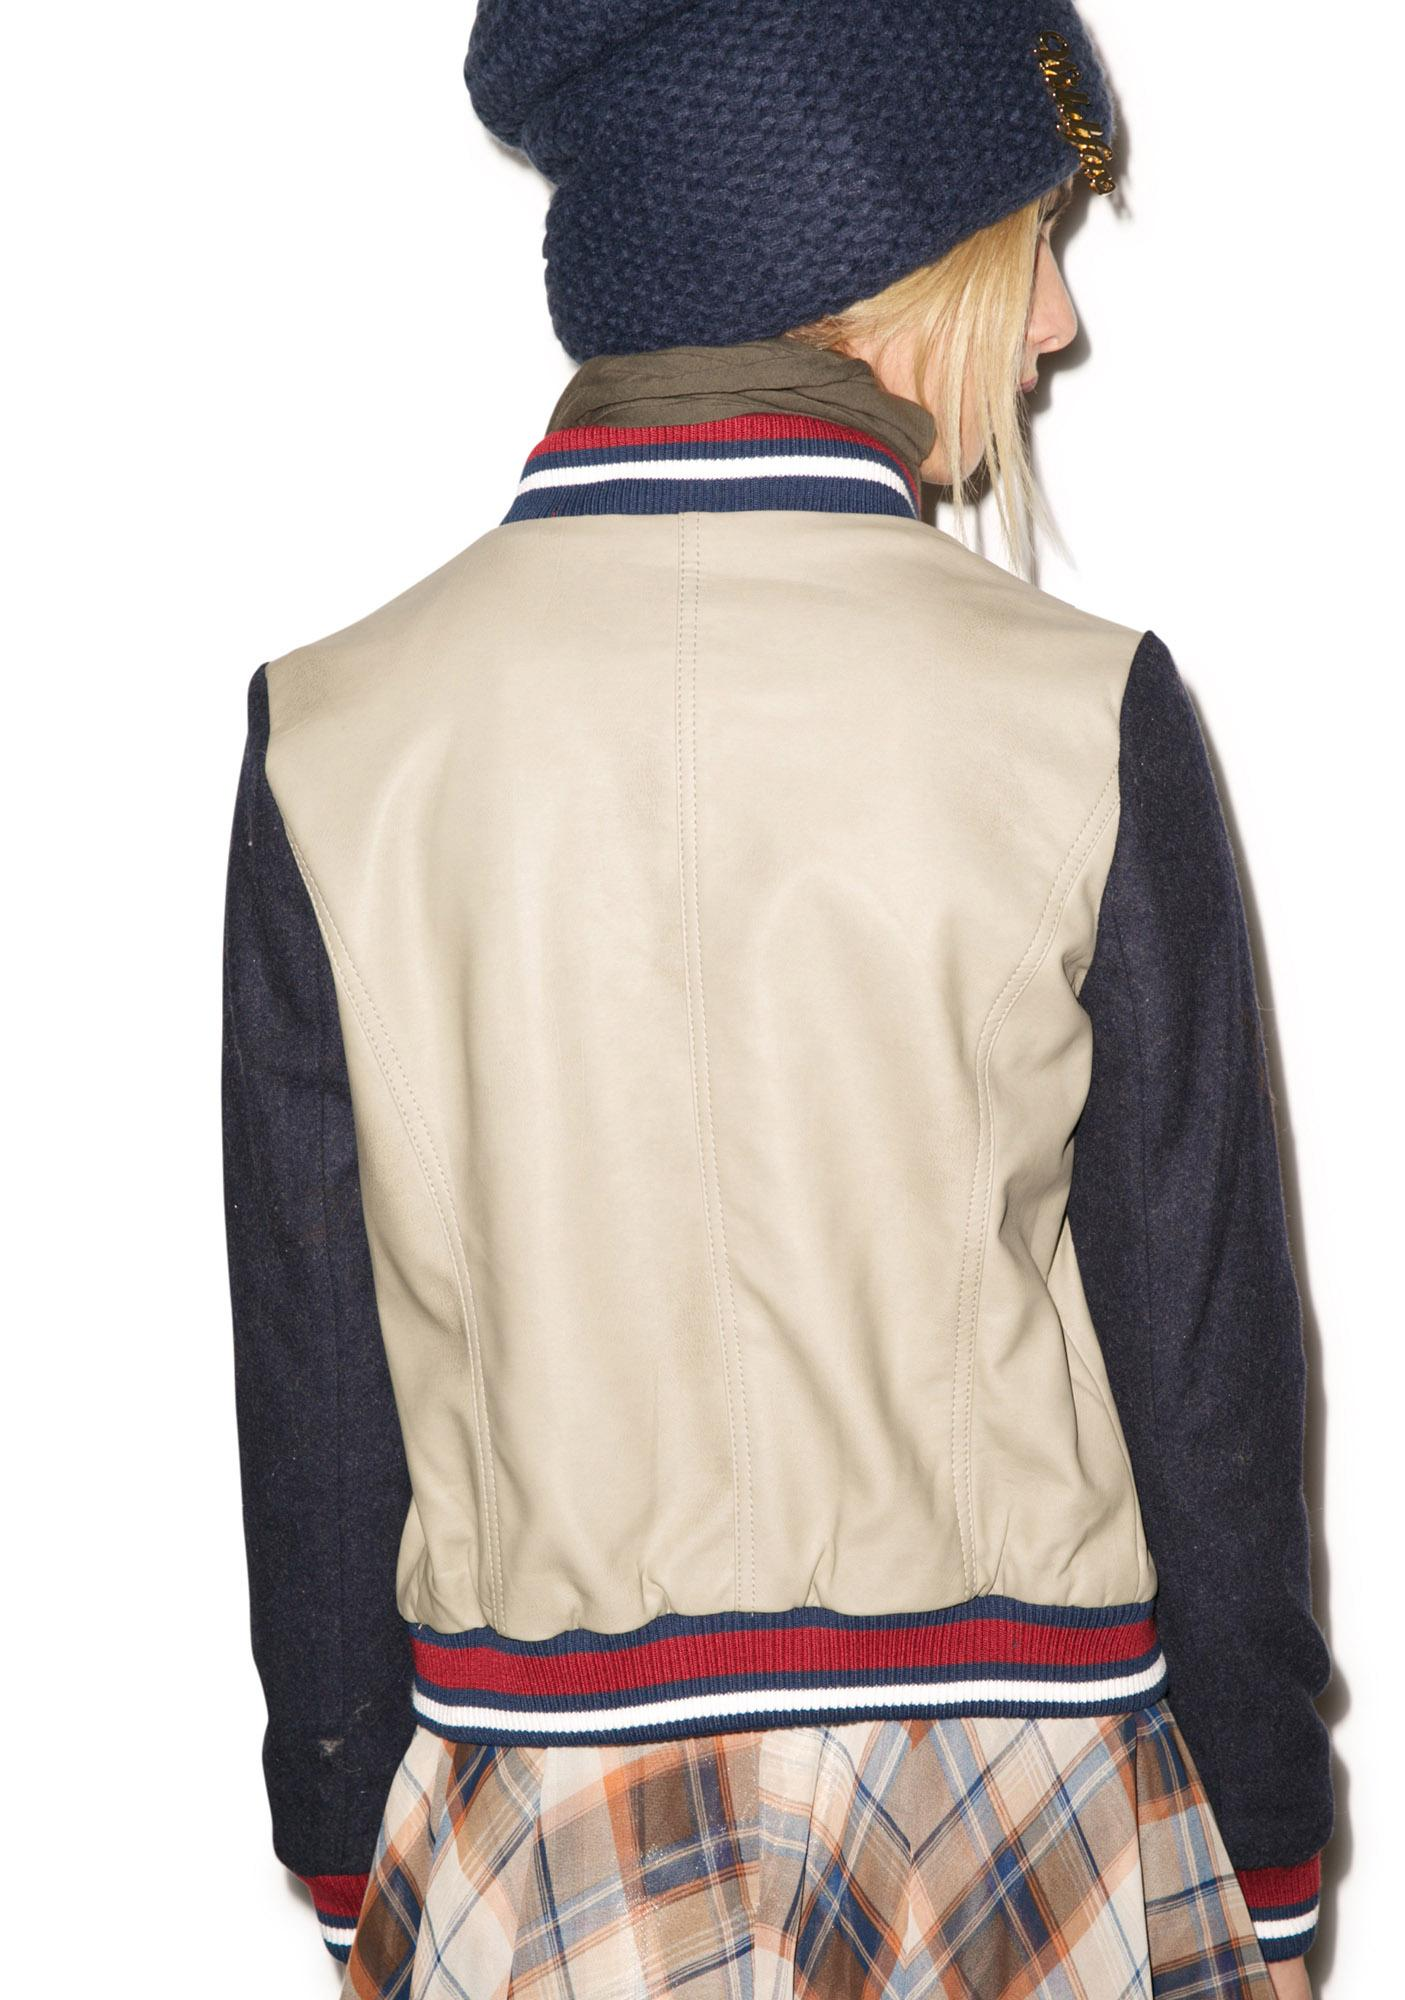 Skippin' Class Varsity Jacket